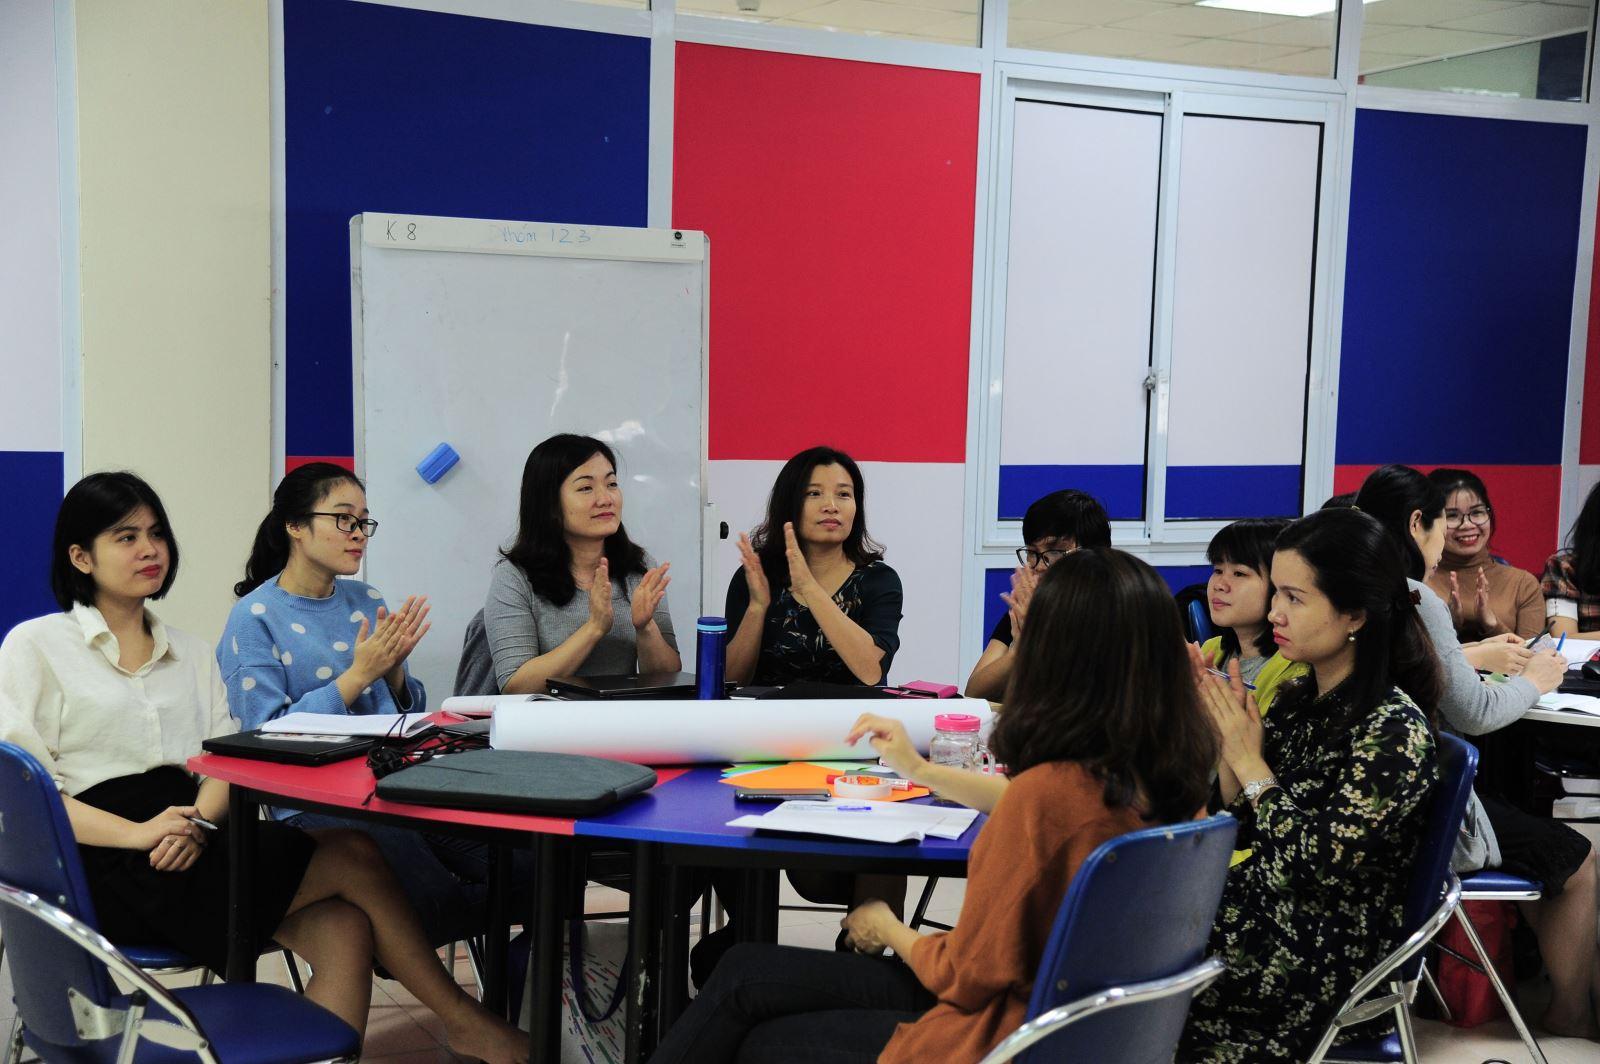 Giáo viên Nguyễn Siêu tập huấn Phương pháp dạy học tích cực